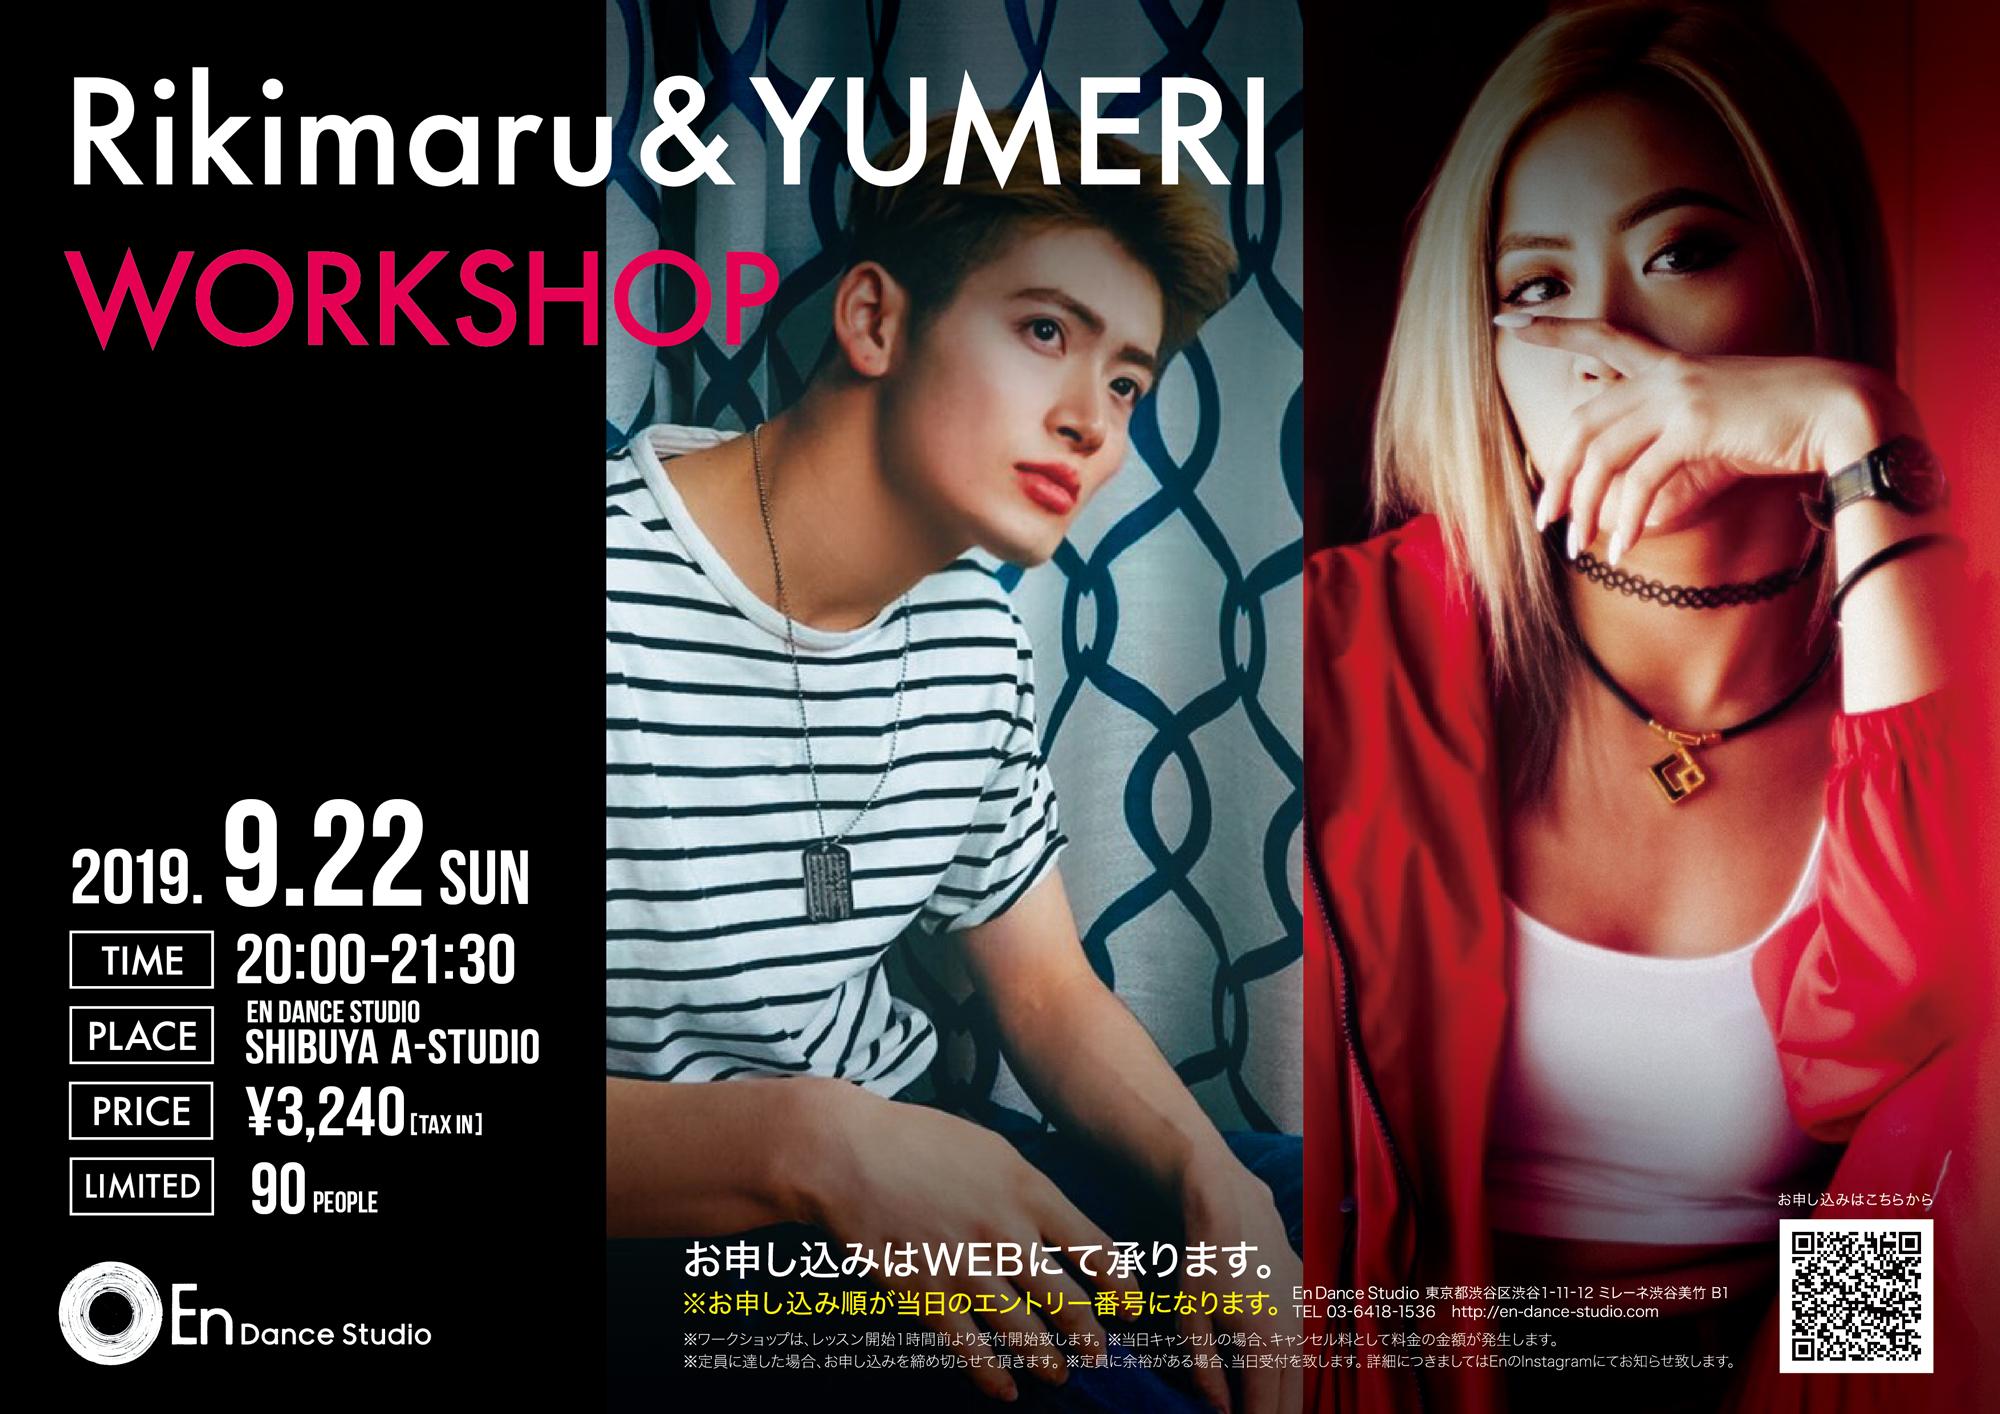 ws_RIKIMARU_YUMERI